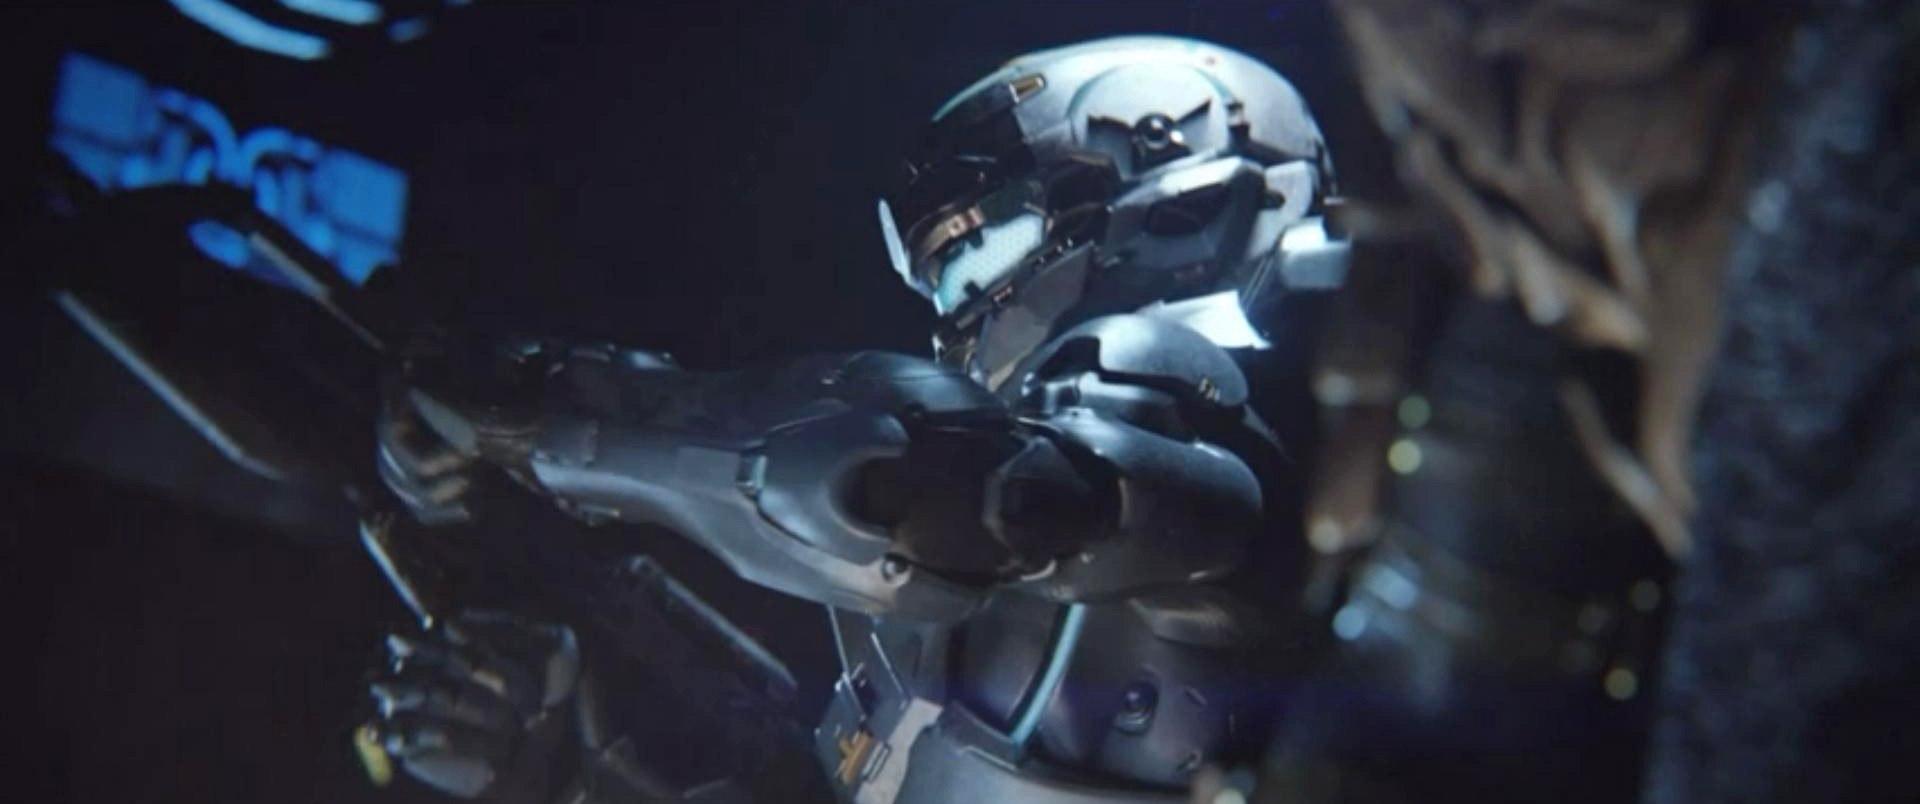 Действие аддона происходит во вселенной halo в 2552 году во время событий halo 2 игра начинается с обсуждения